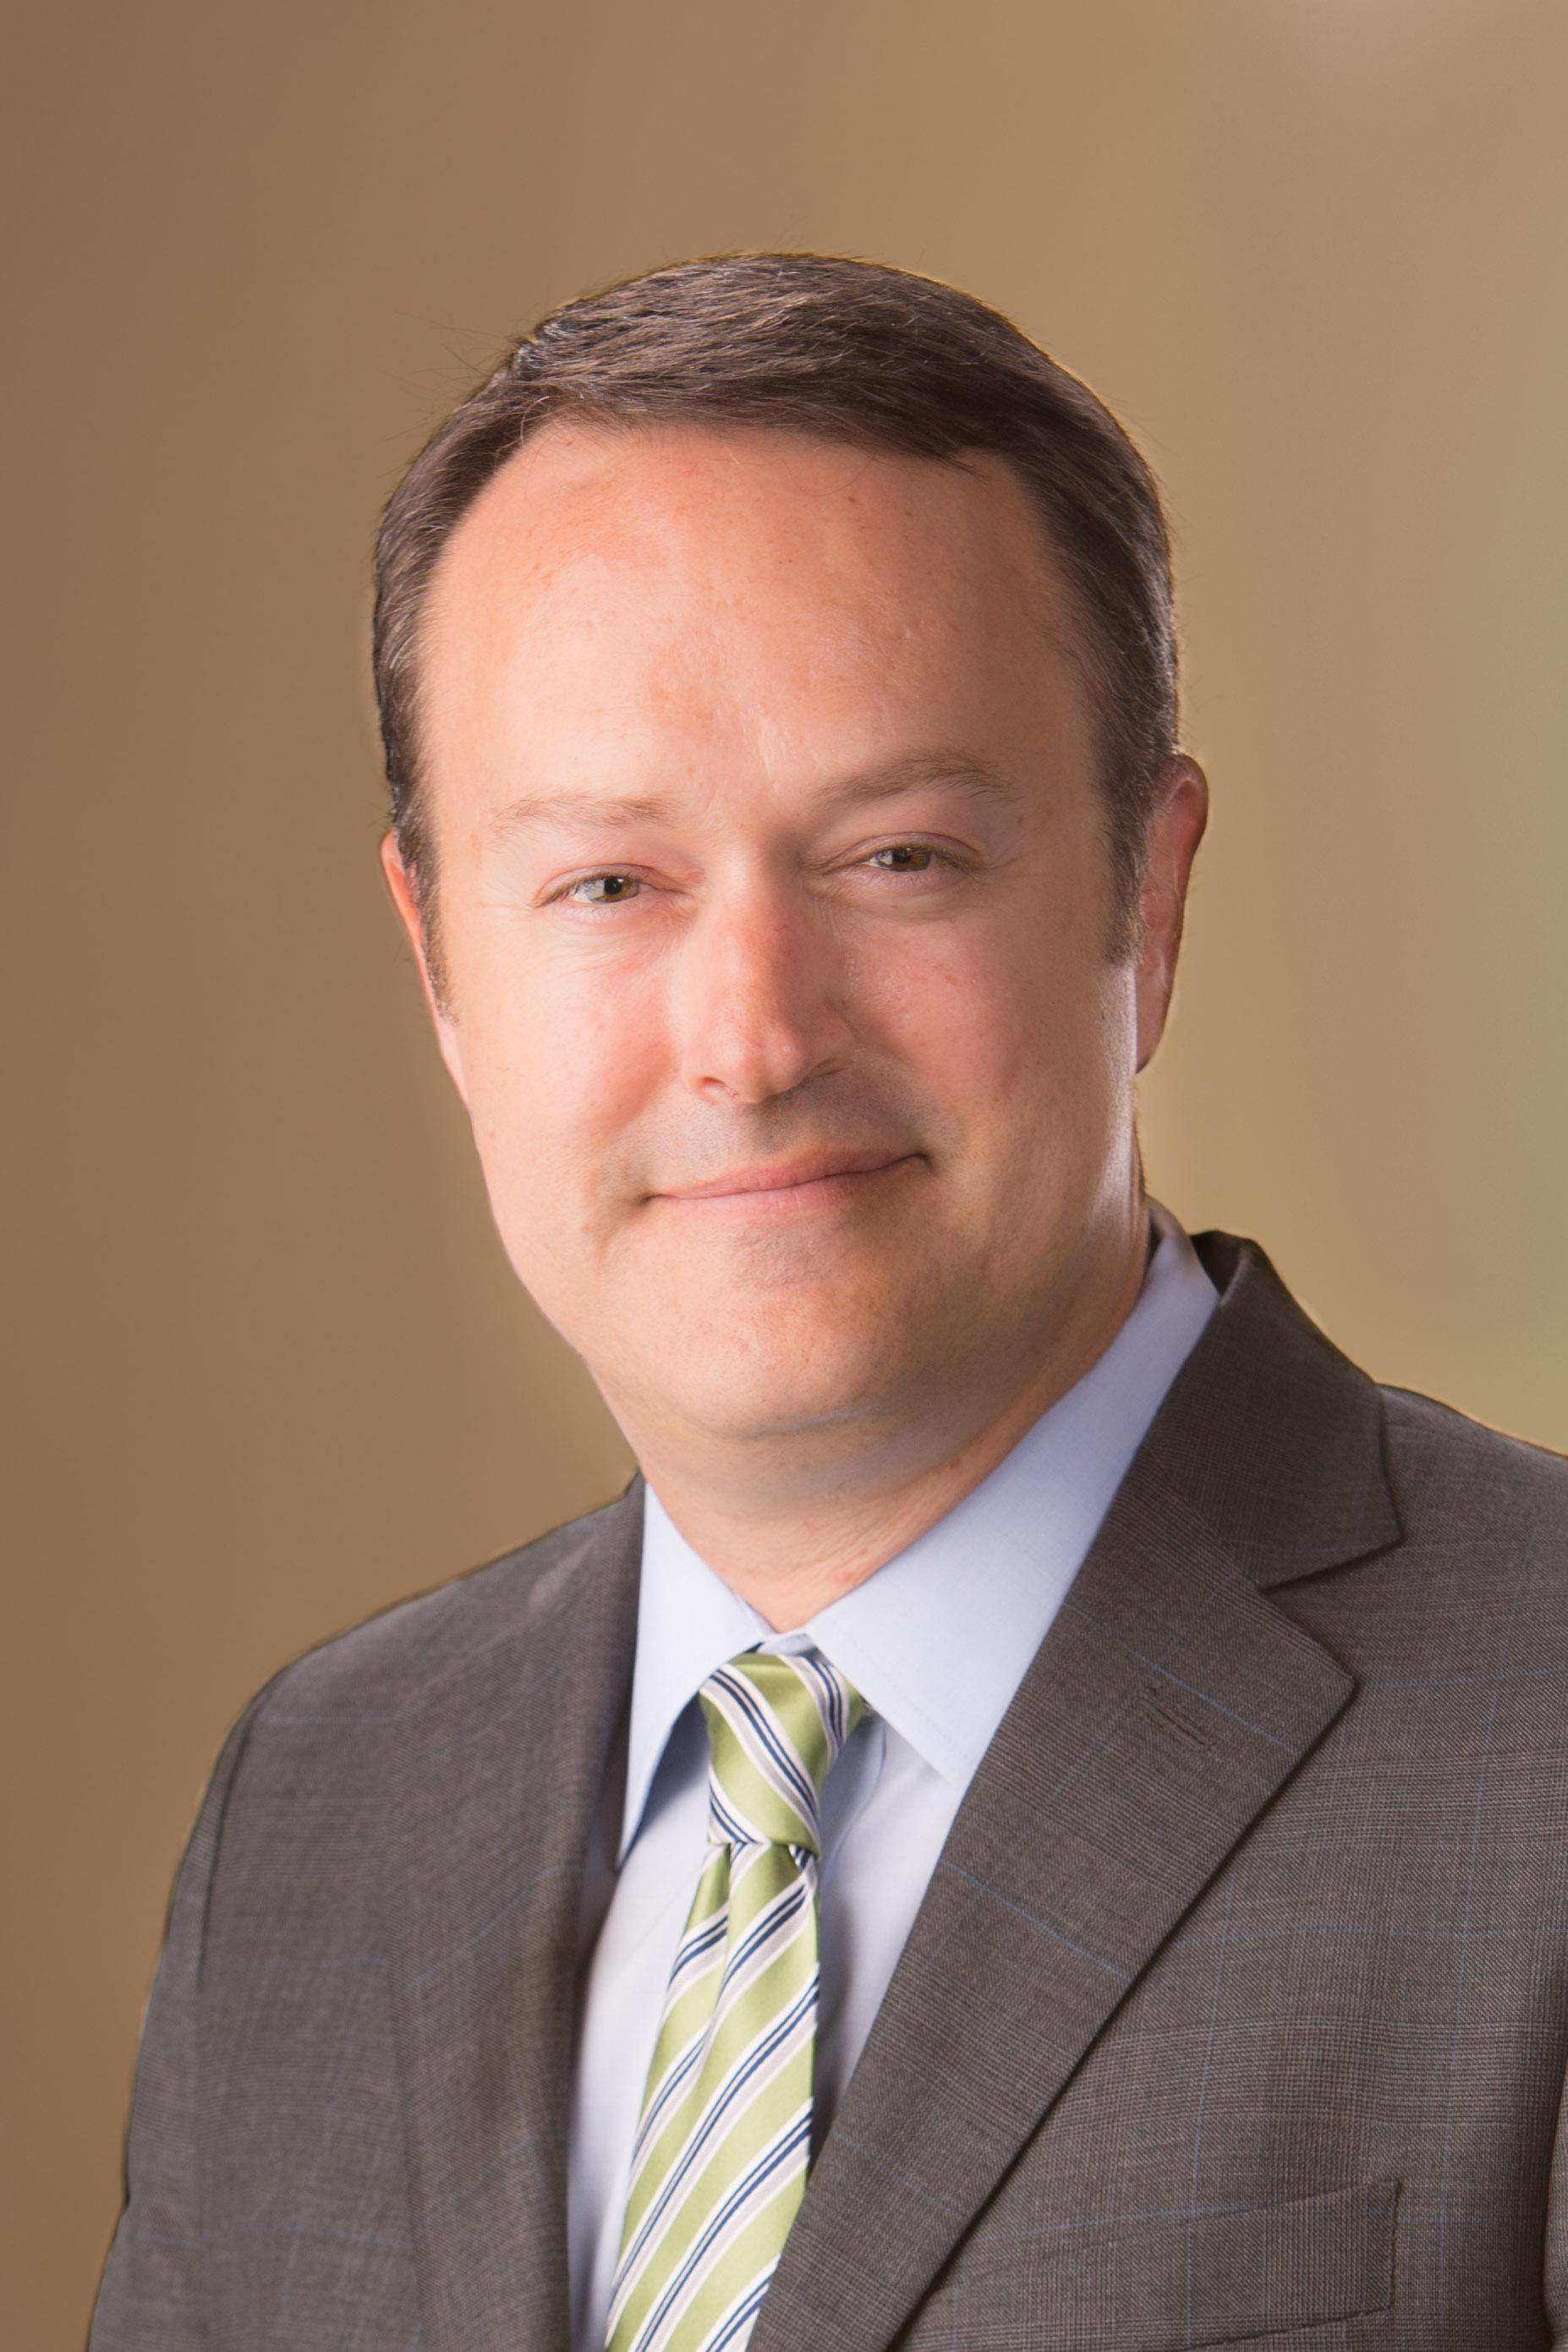 Paul Lewin